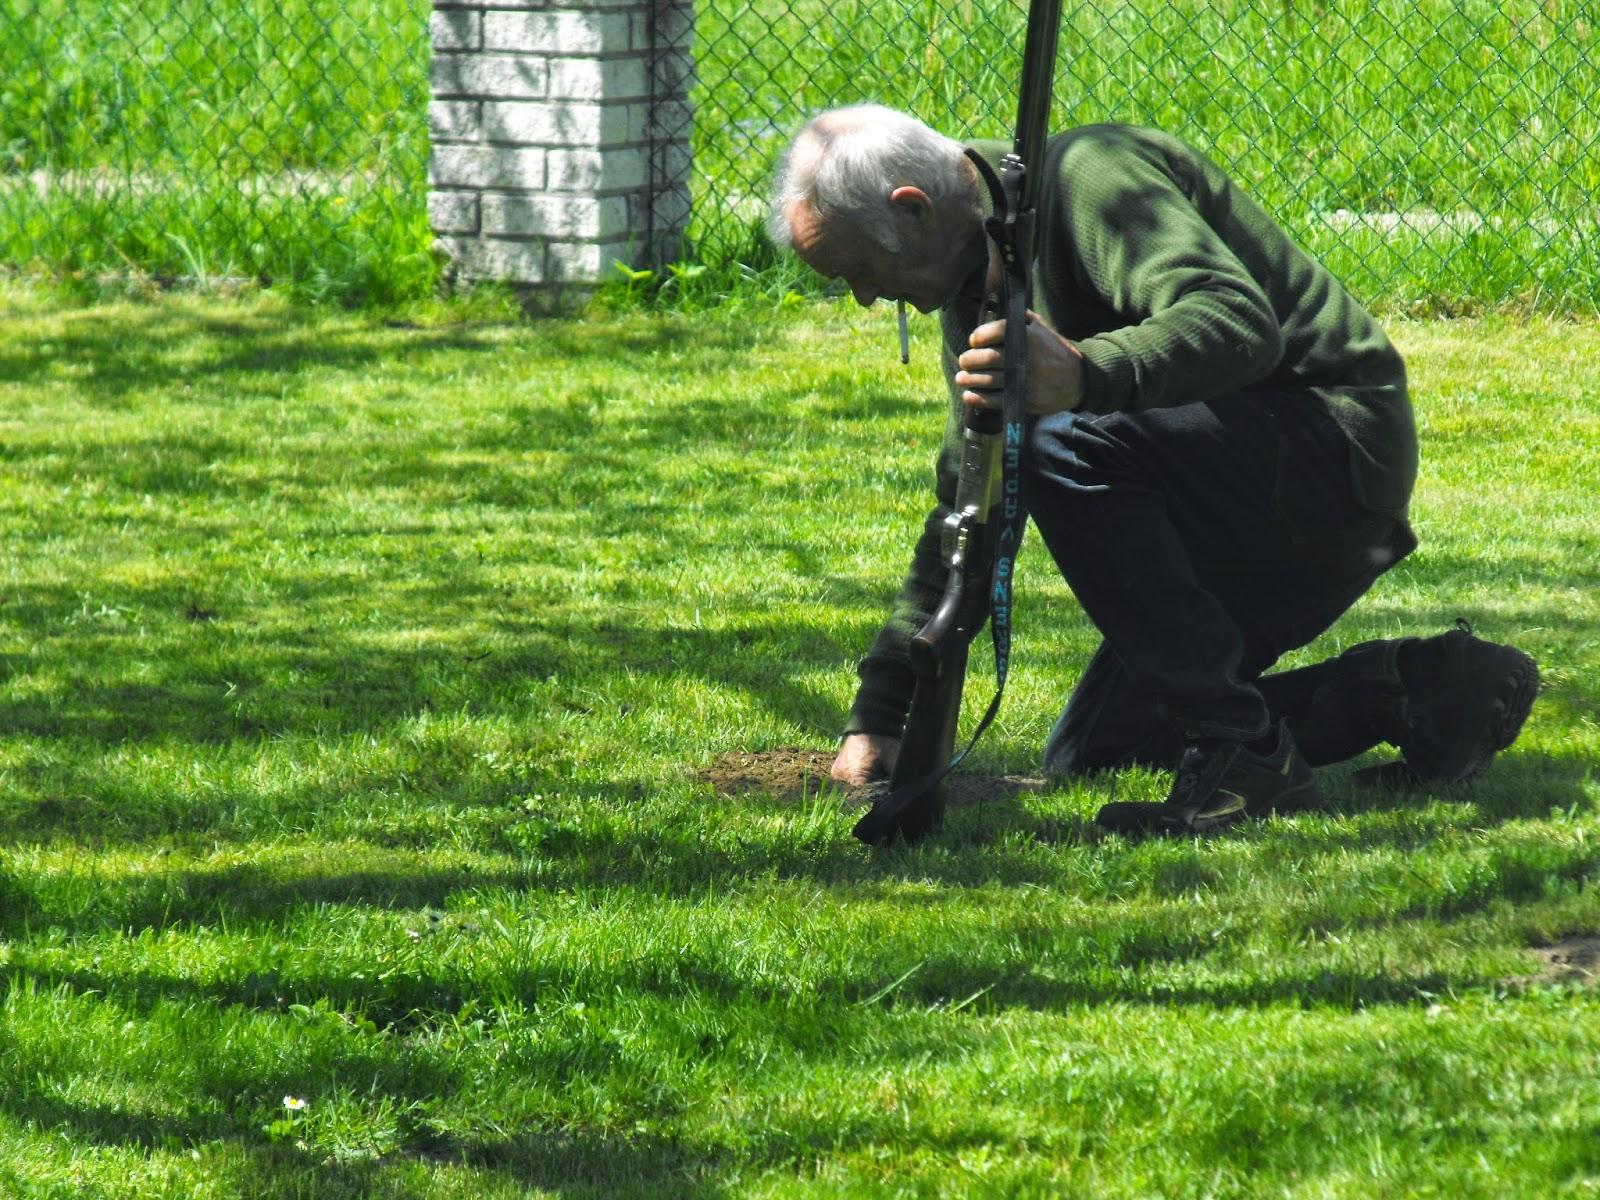 Sösdala, mullvad, mullvadsjakt, livet på landet, landsbygden, gevär, skjuta, Hässleholm